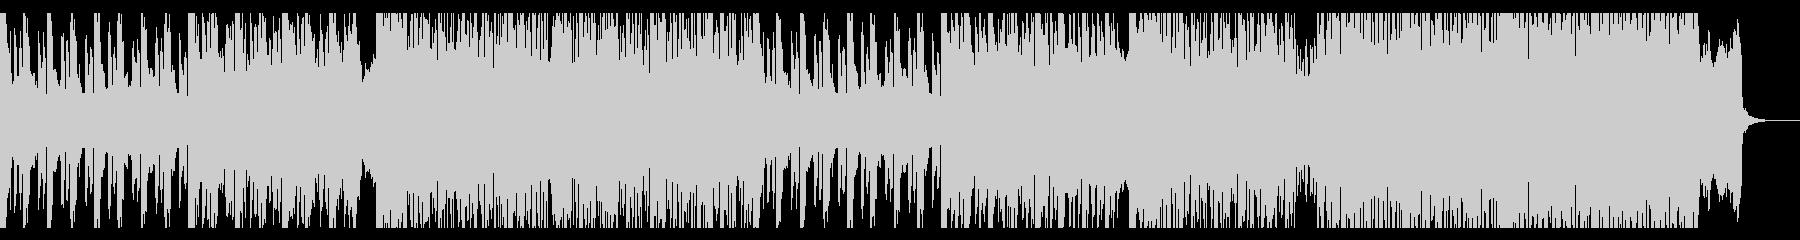 キラキラシンセ盛沢山のJ-POPの未再生の波形